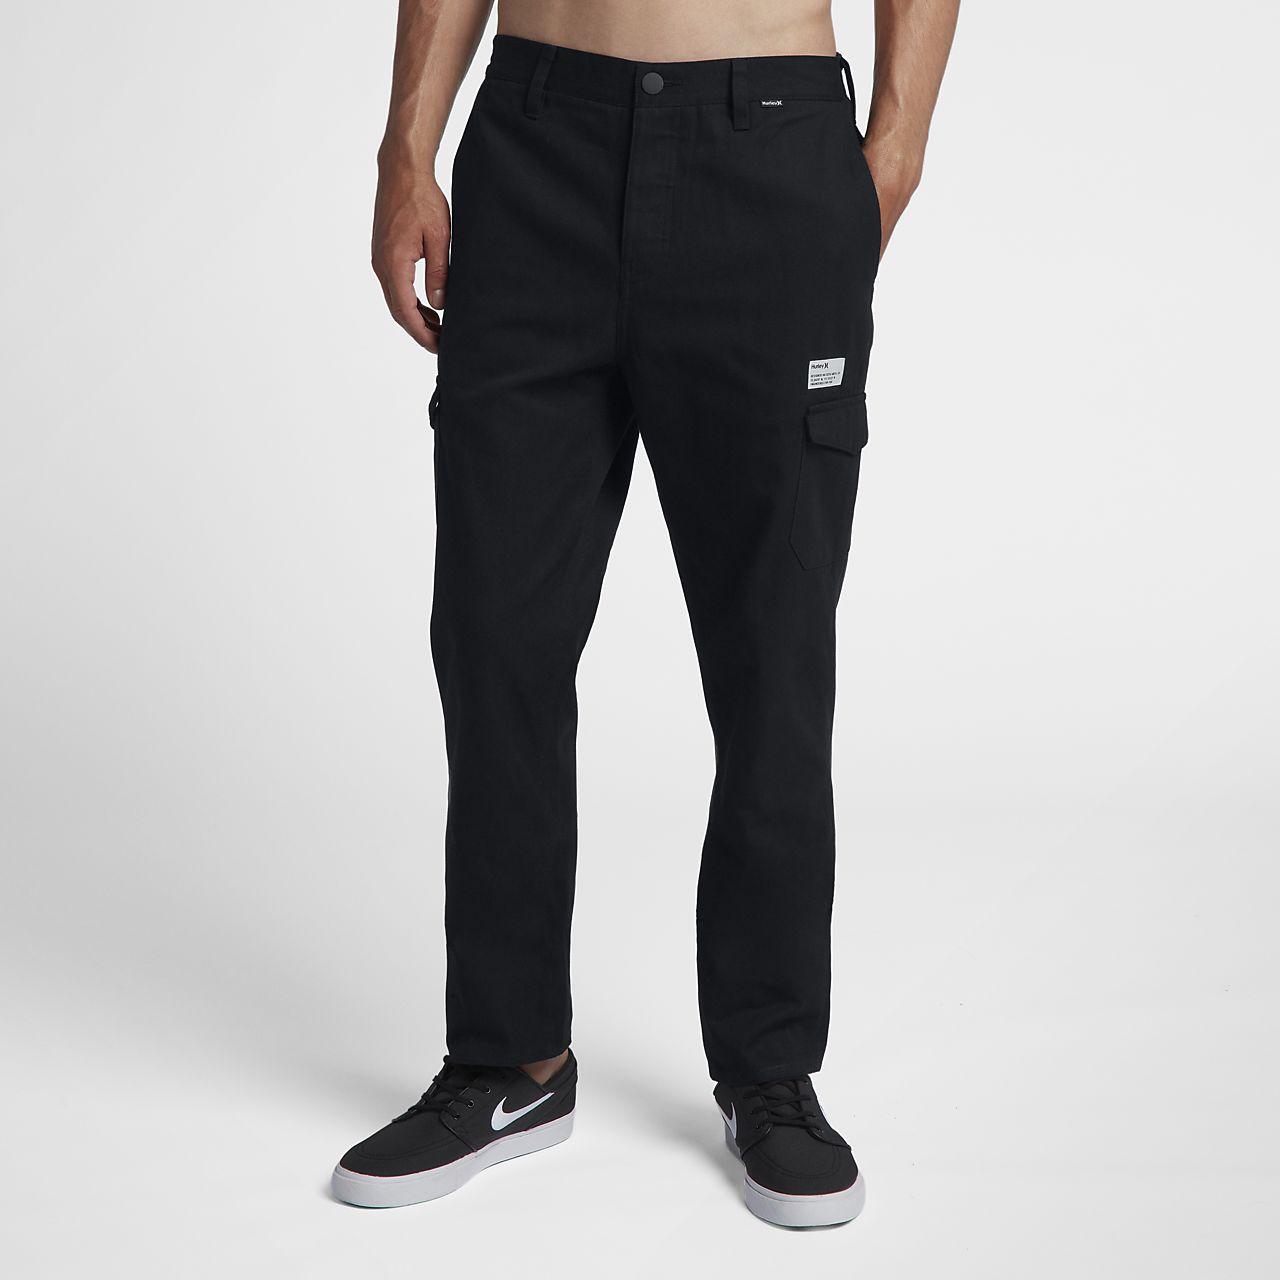 Hurley Pantalon Pour Cargo Fr Troop Homme B6x6fH